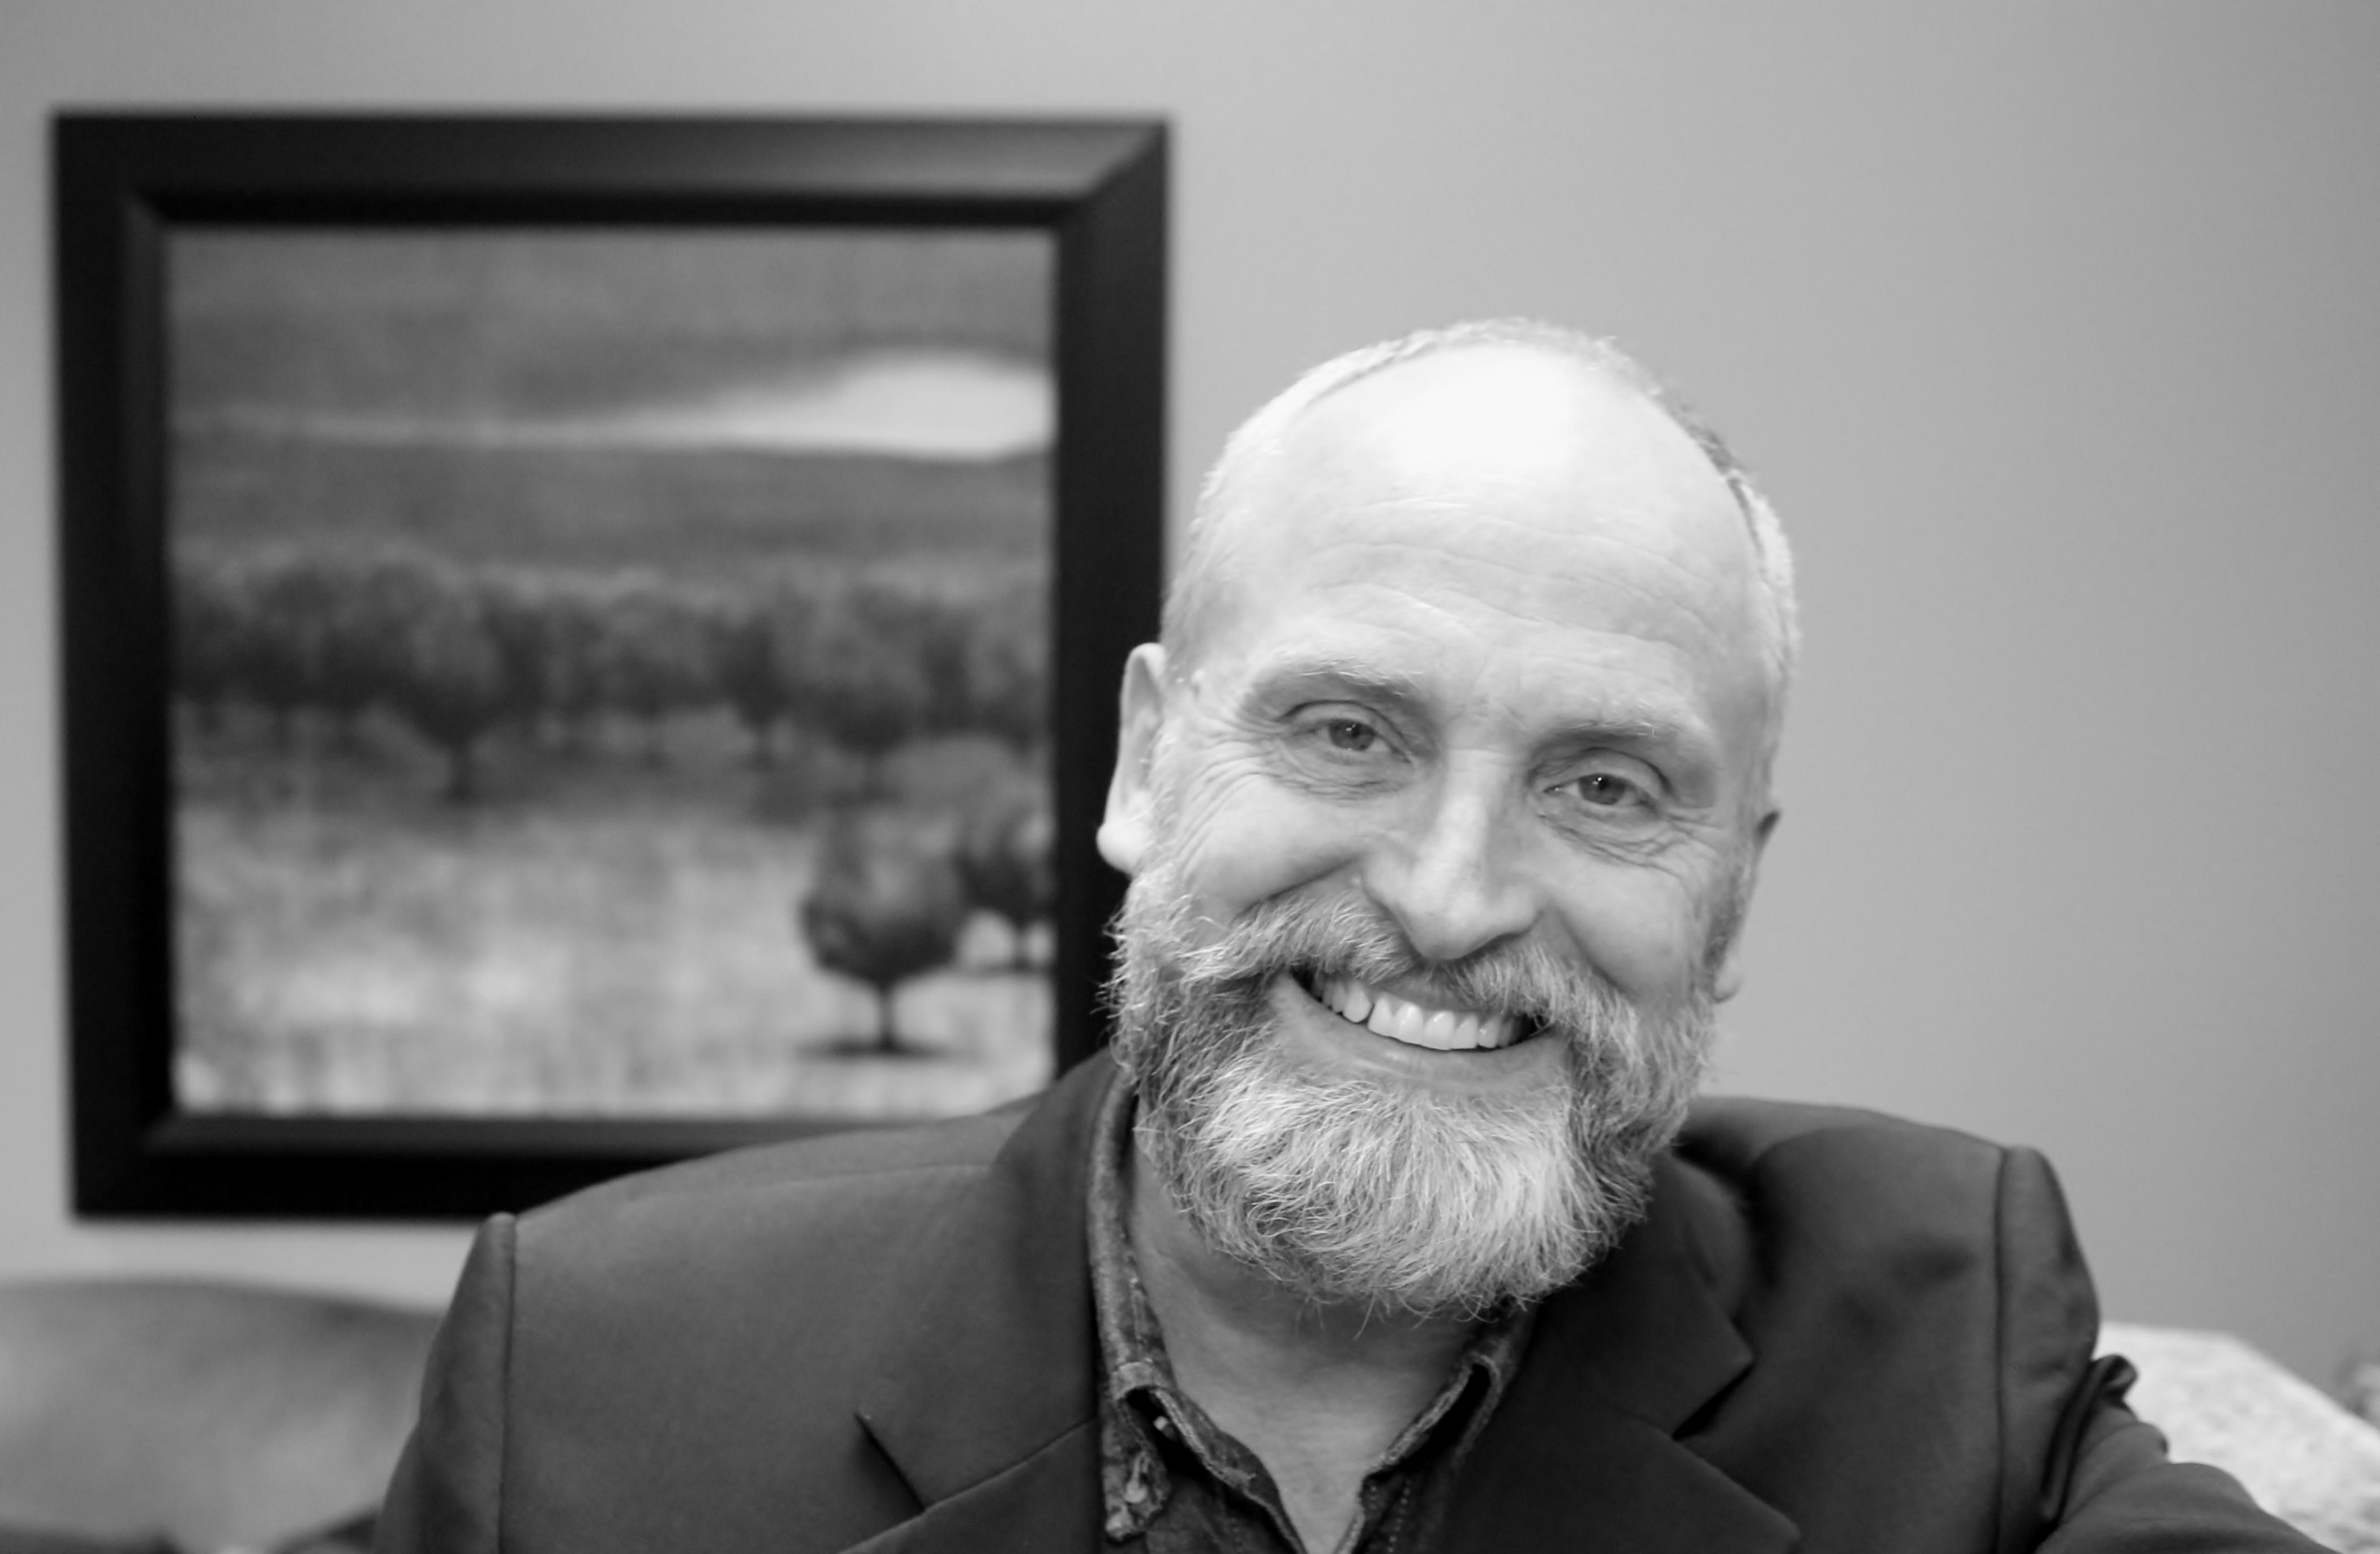 Greg R. Anderson